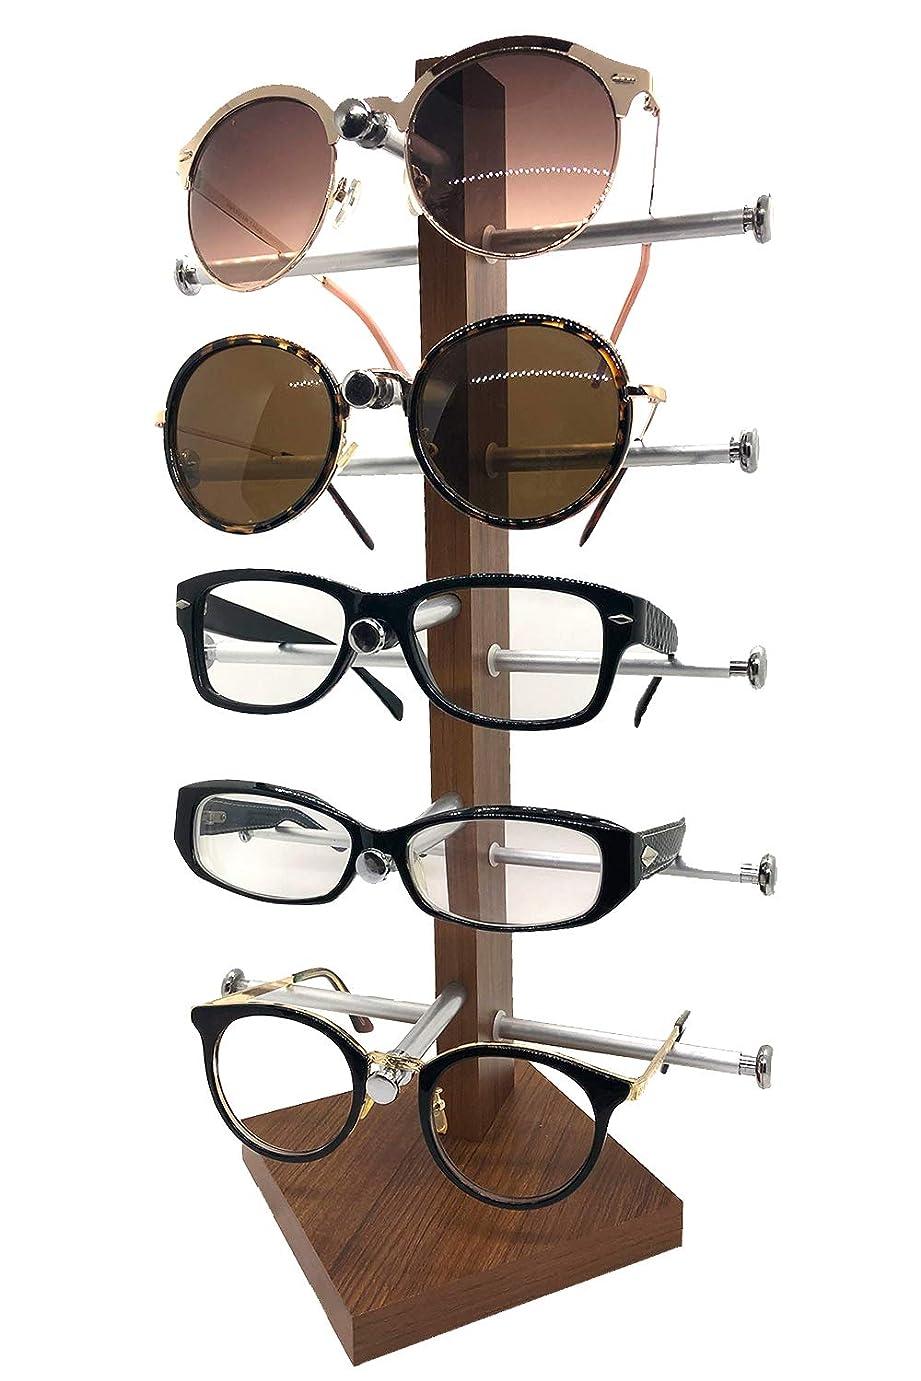 救援論理的に殺人(ピオニー ドリーム) Peony Dream 眼鏡 スタンド サングラス ディスプレイ 5 本 (木目調)